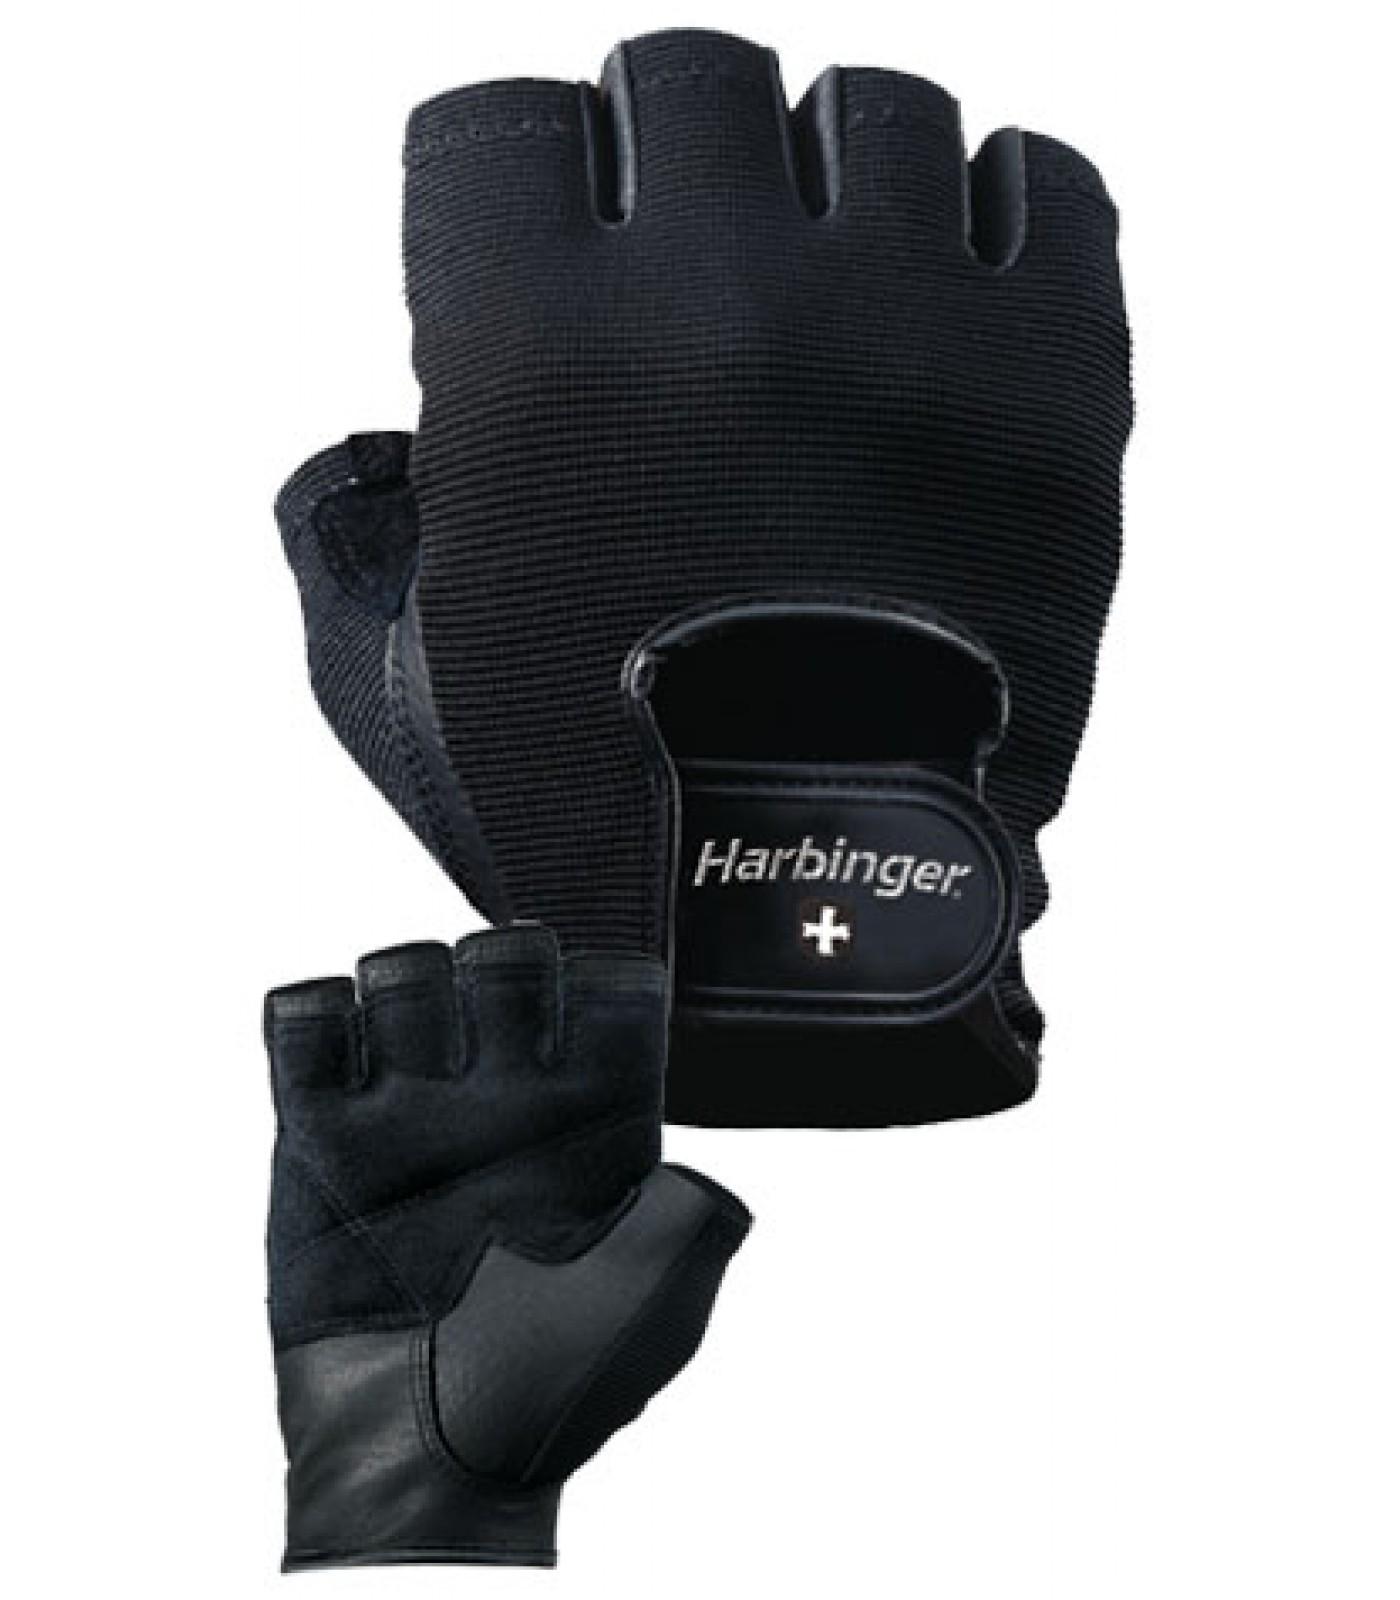 Harbinger - Фитнес ръкавици Power - черен цвят